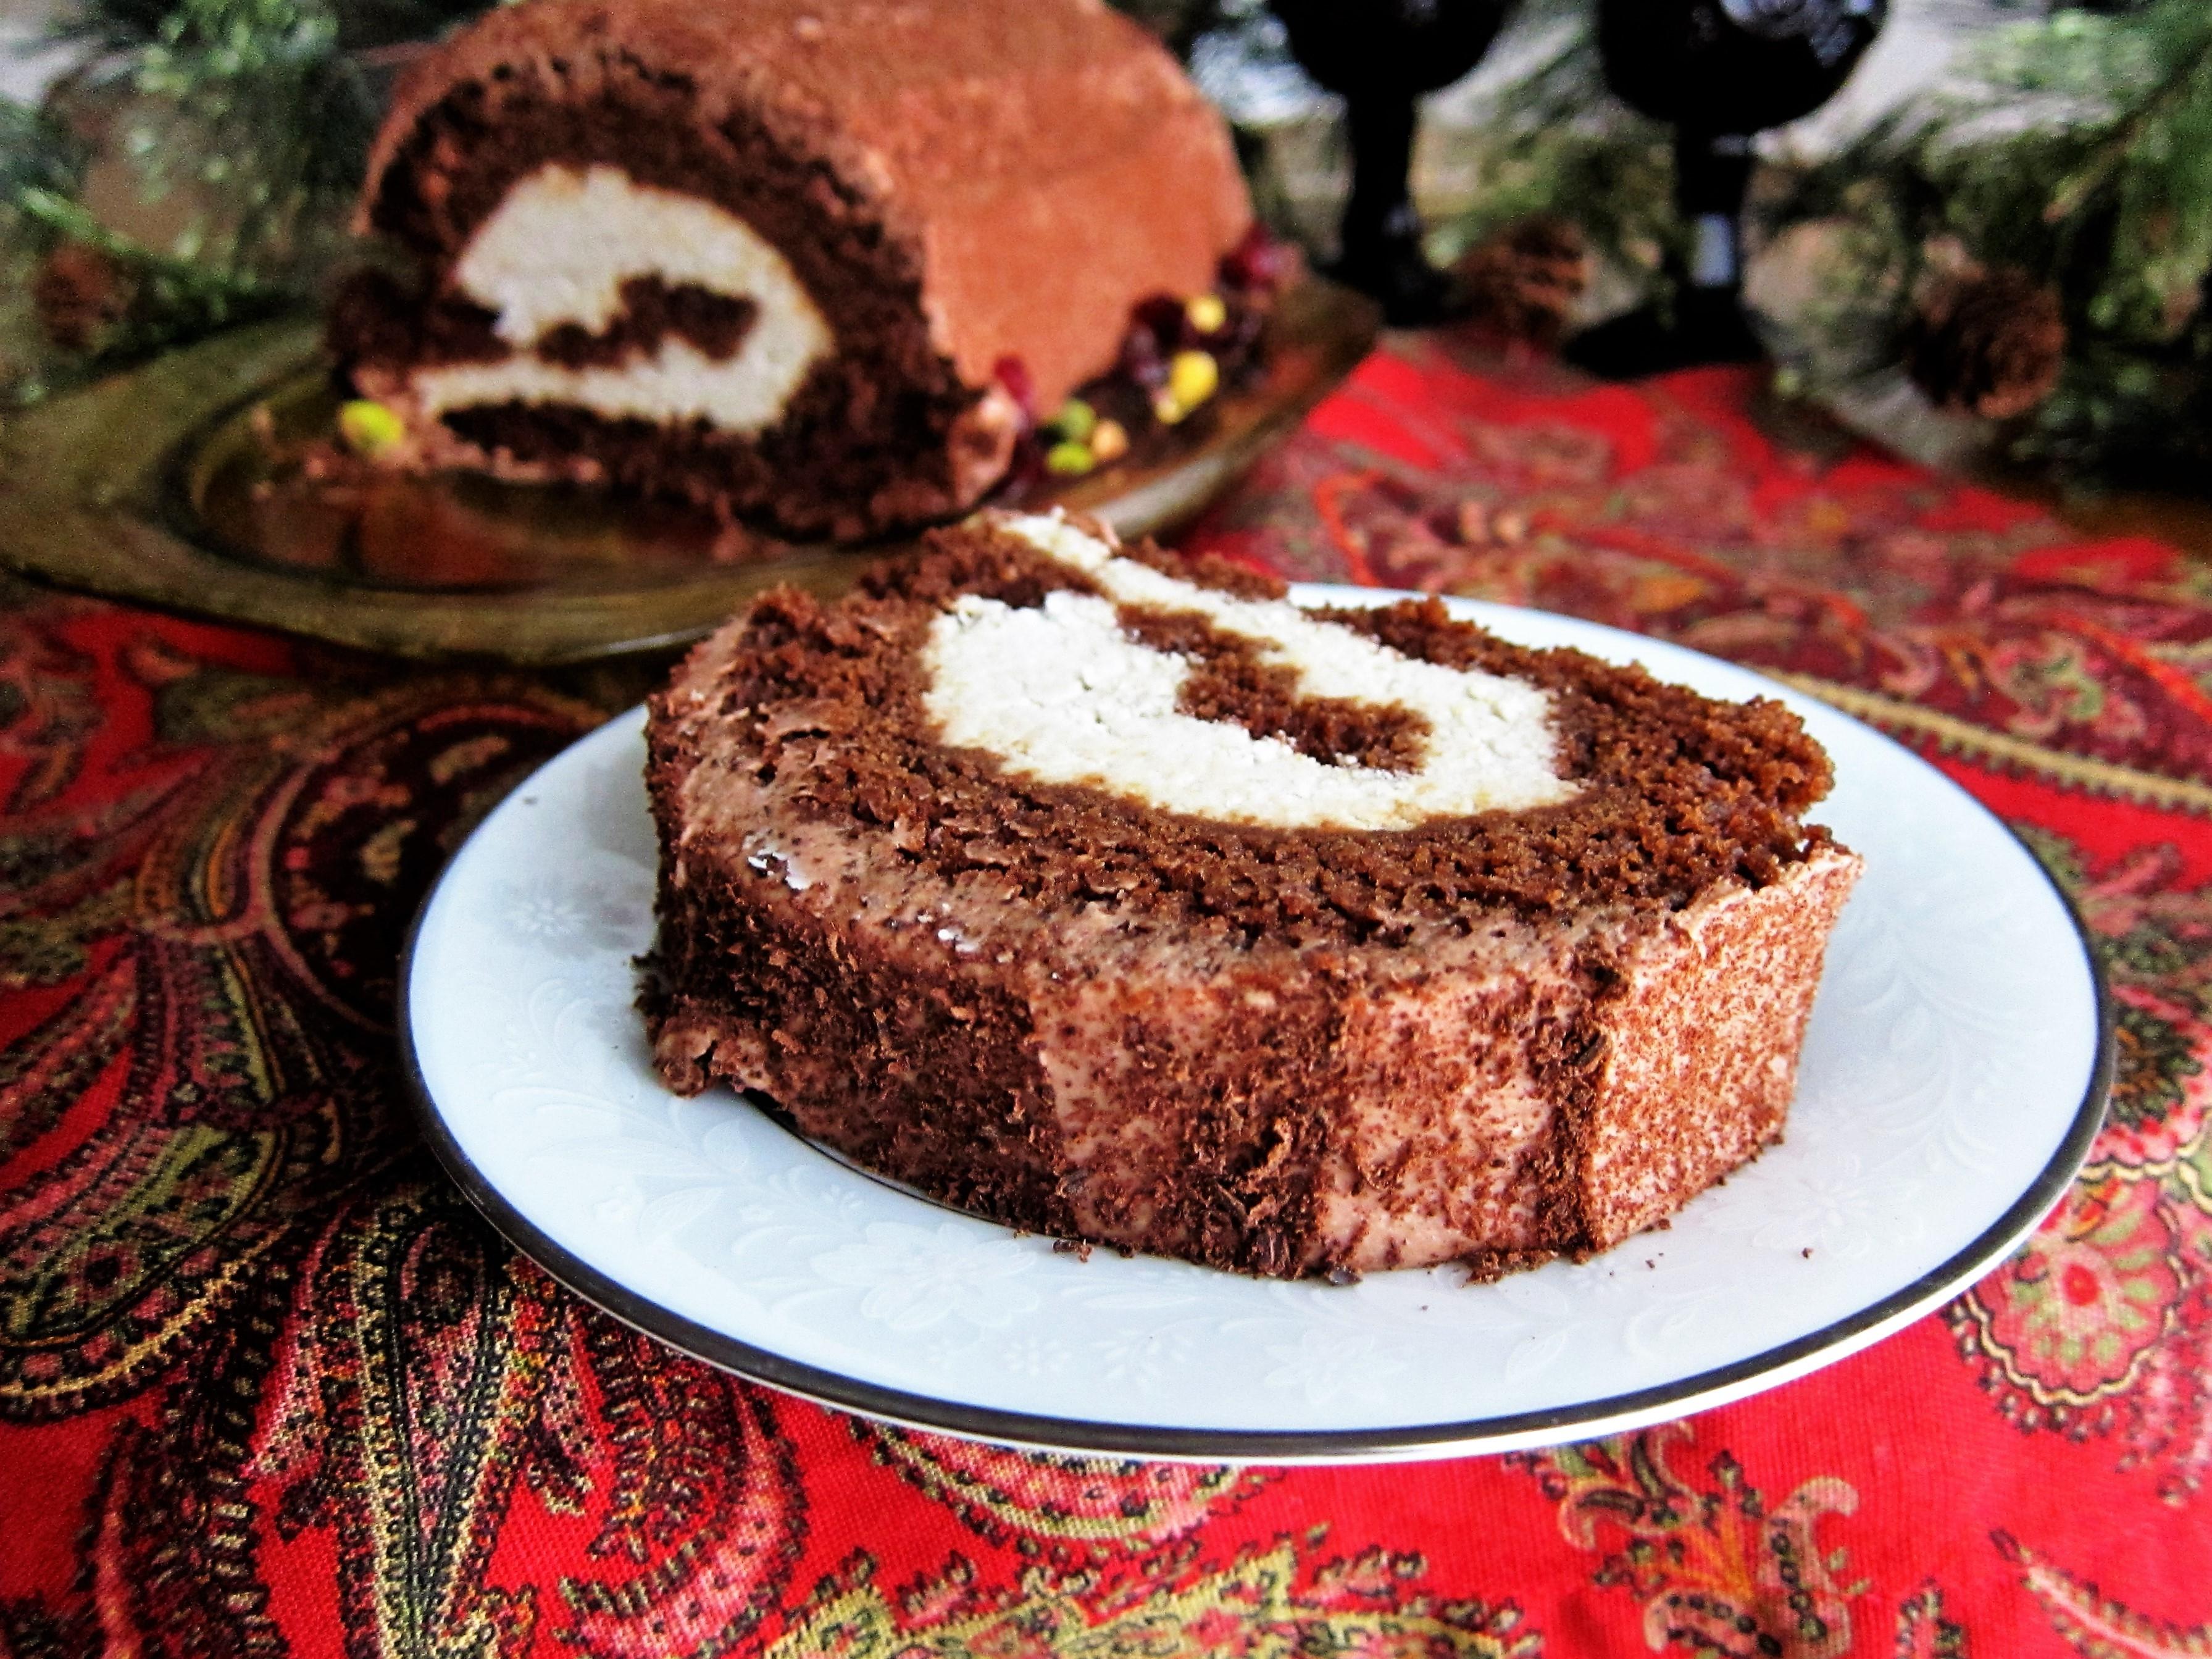 Le dessert bûche de Noël est maintenant célébré dans le monde entier.